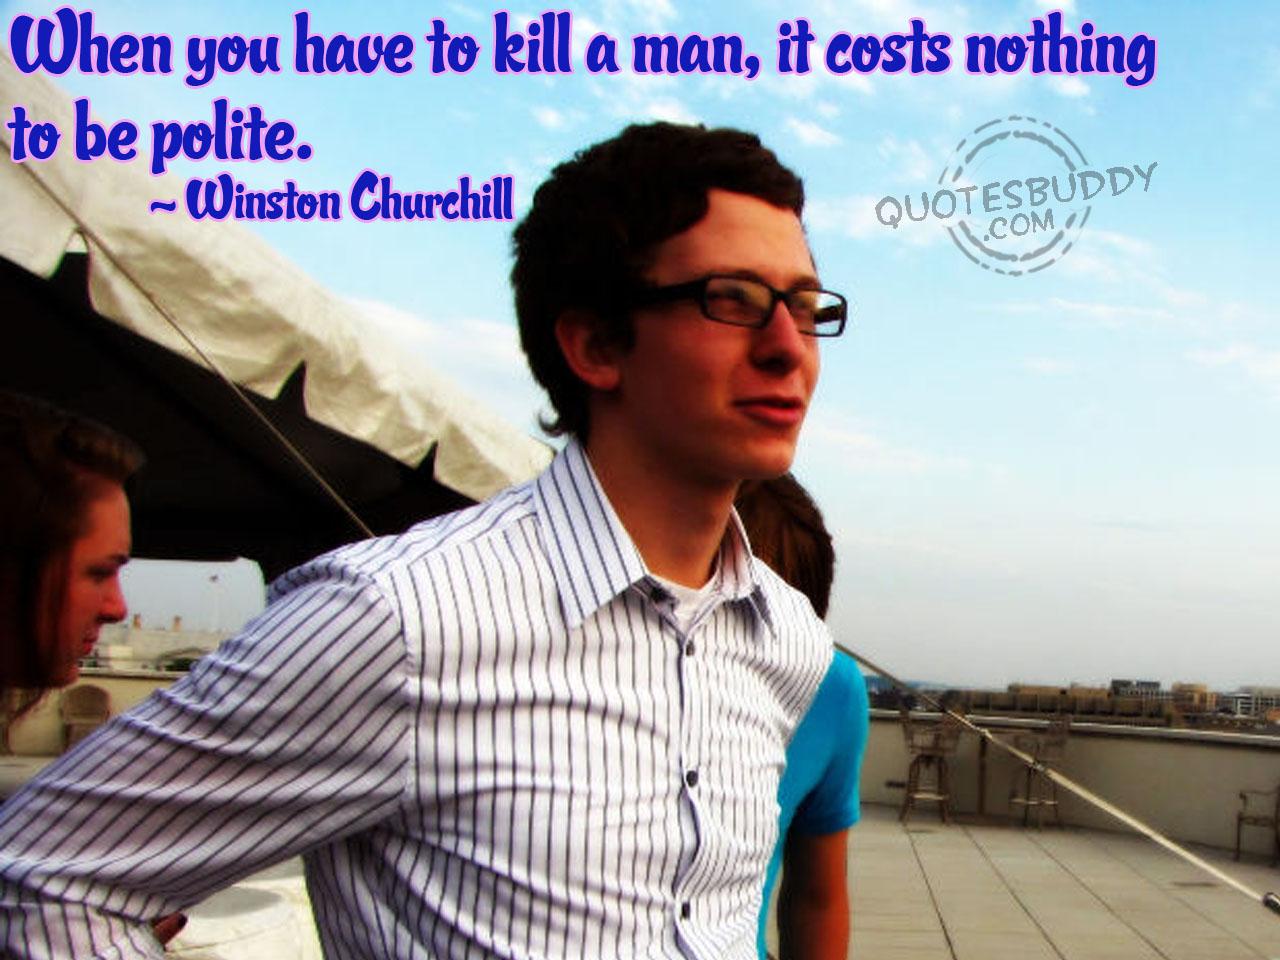 Polite quote #6